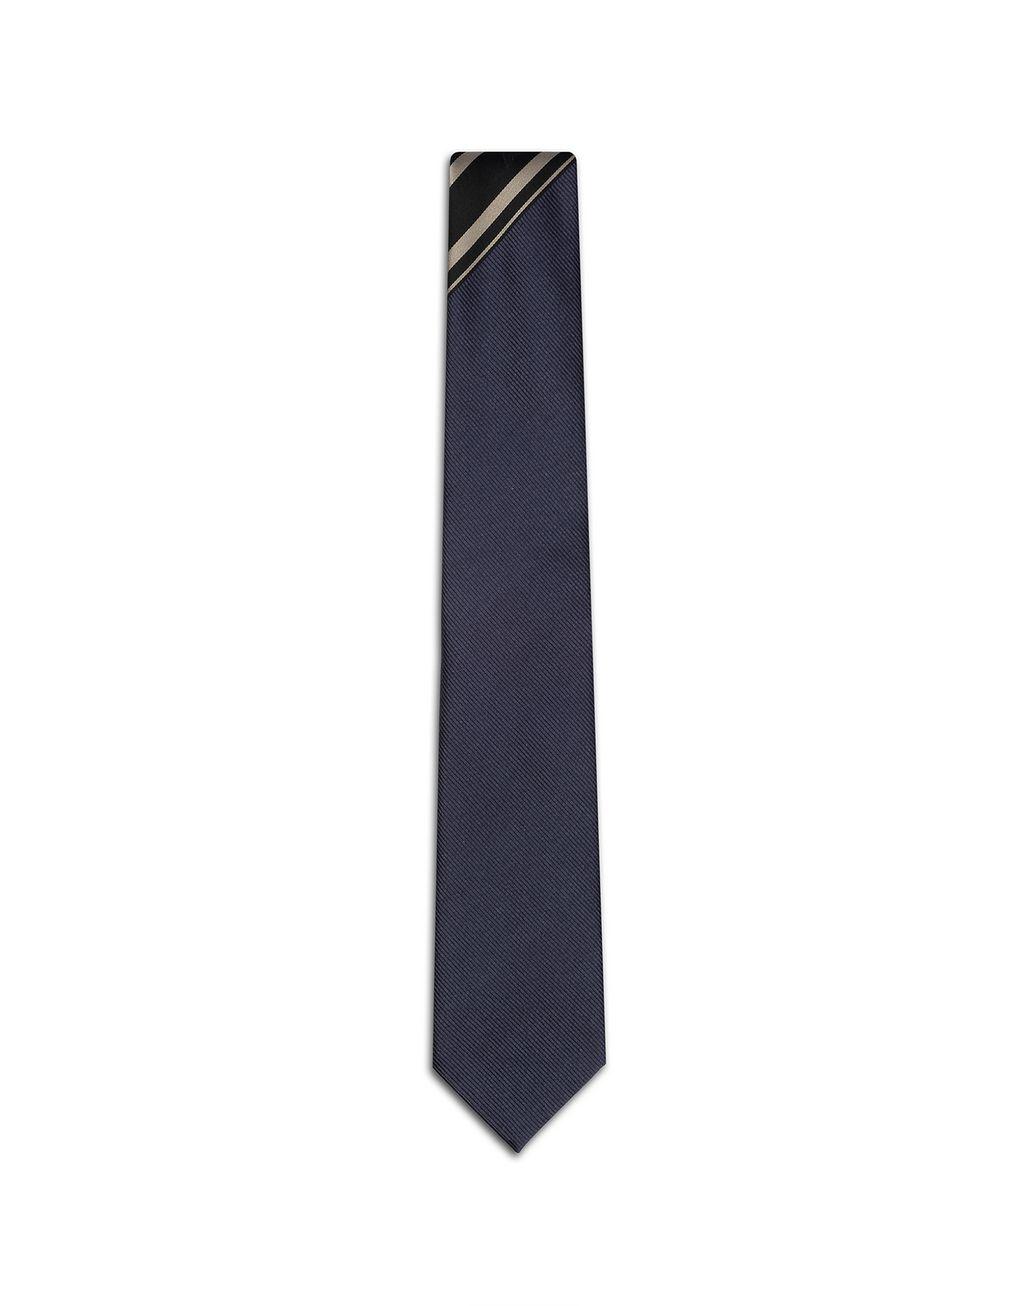 piuttosto economico dettagliare bene fuori x Cravatta per Uomo Brioni | Brioni Online Store Ufficiale